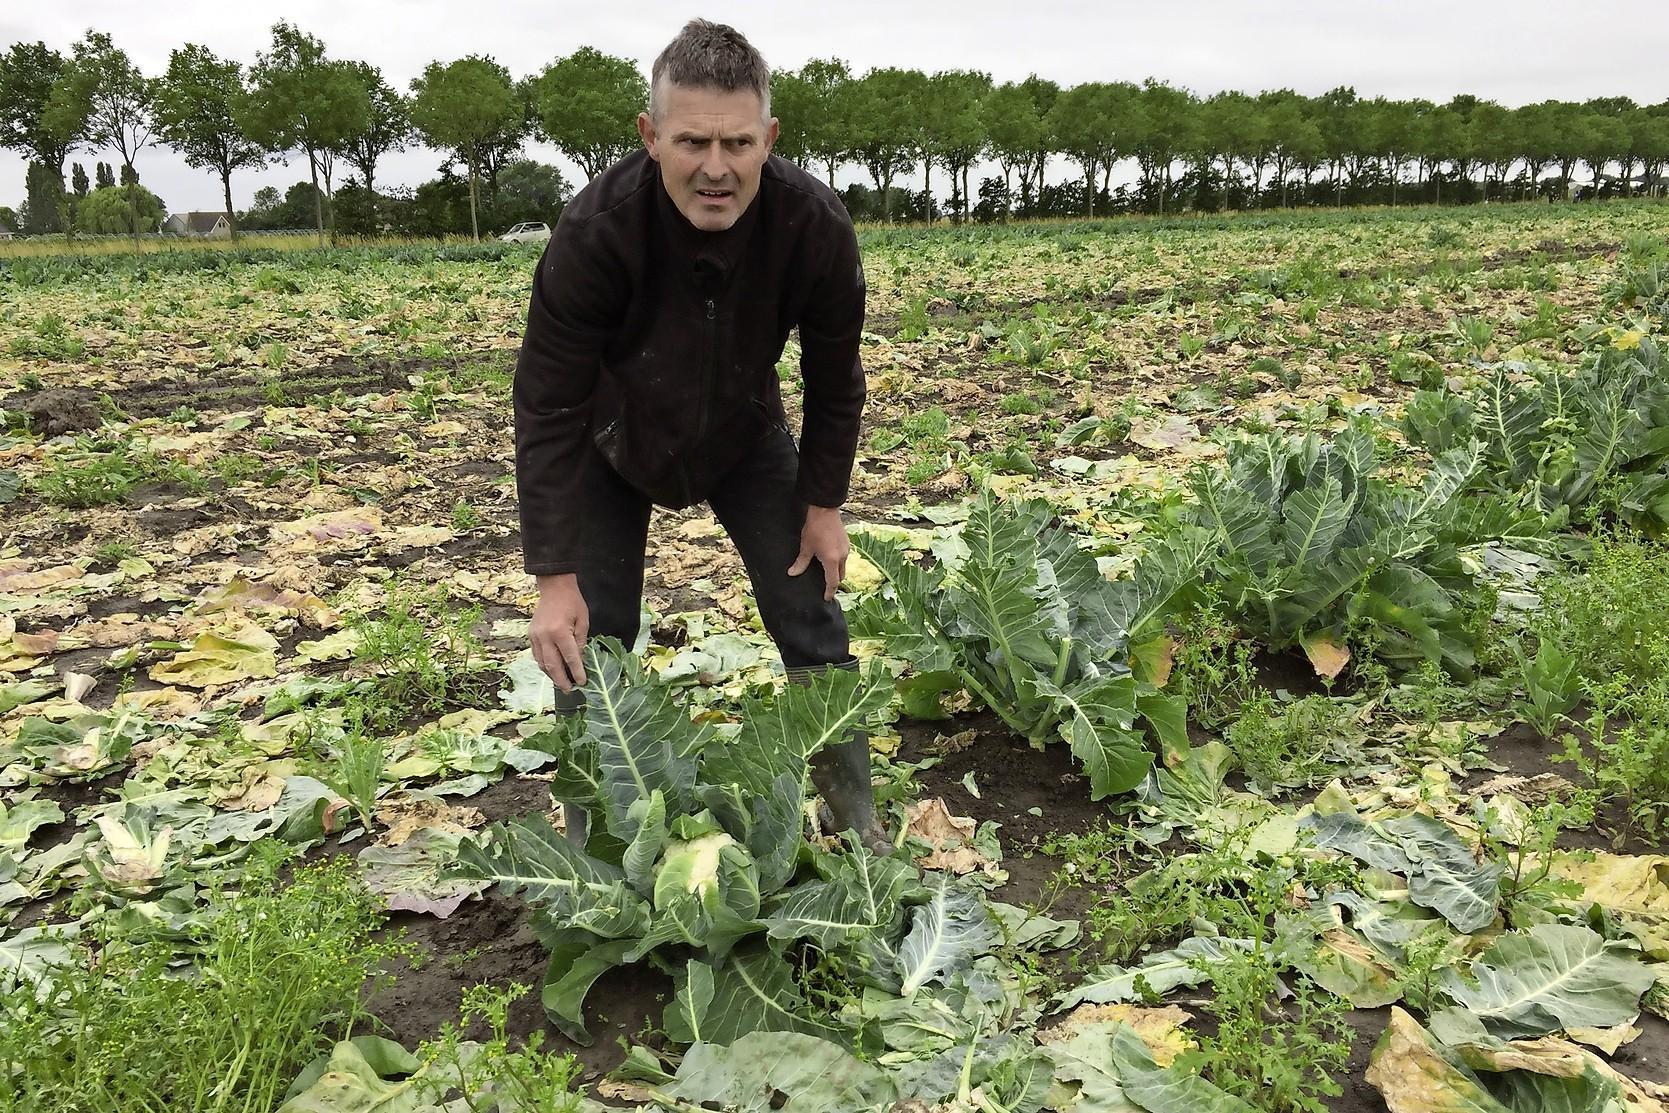 Ganzen vreten bloemkolen op en poepen ze onder: duizenden euro's schade voor Andijker tuinder